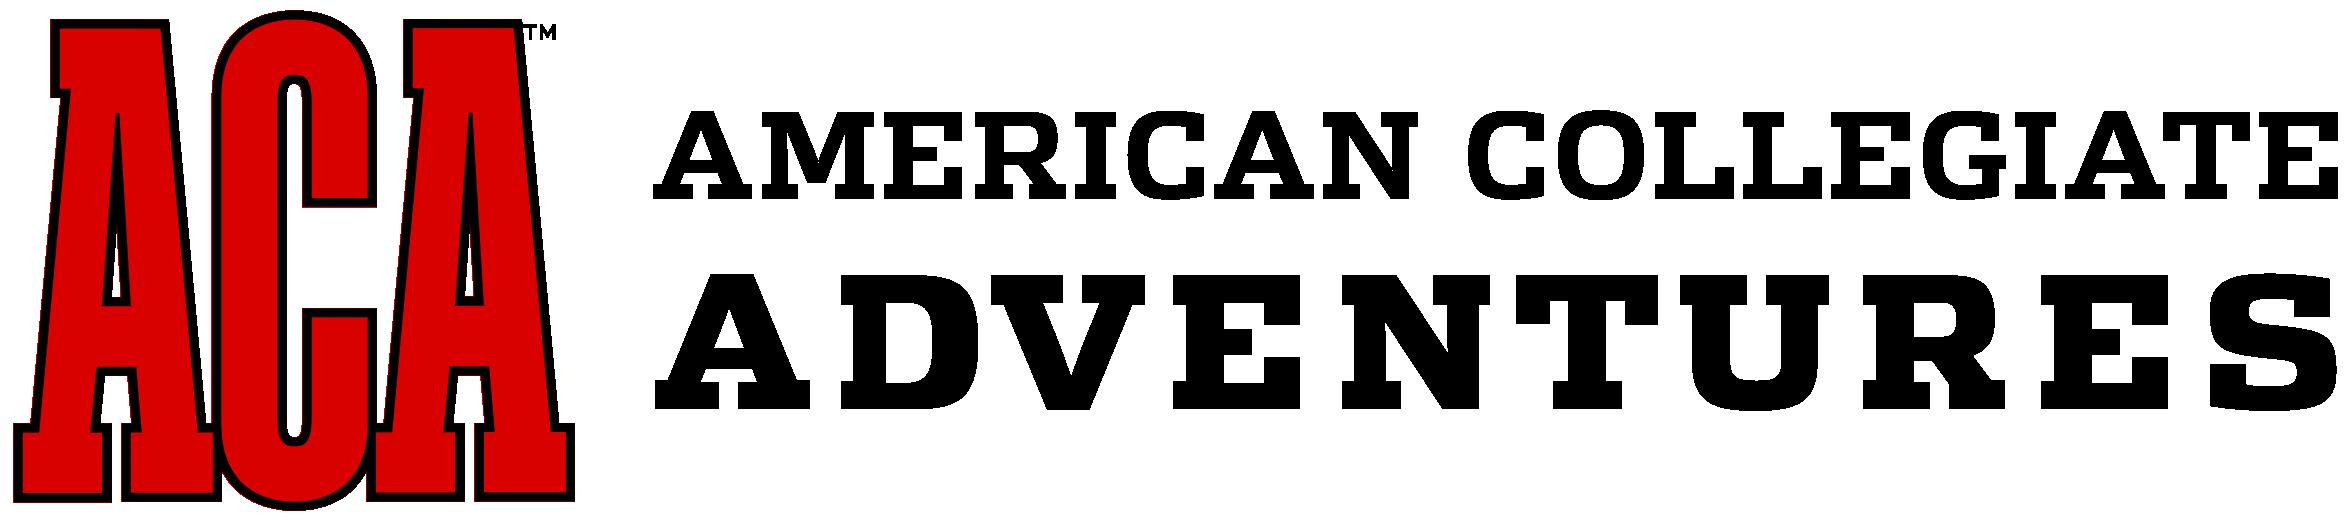 American Collegiate Adventures logo